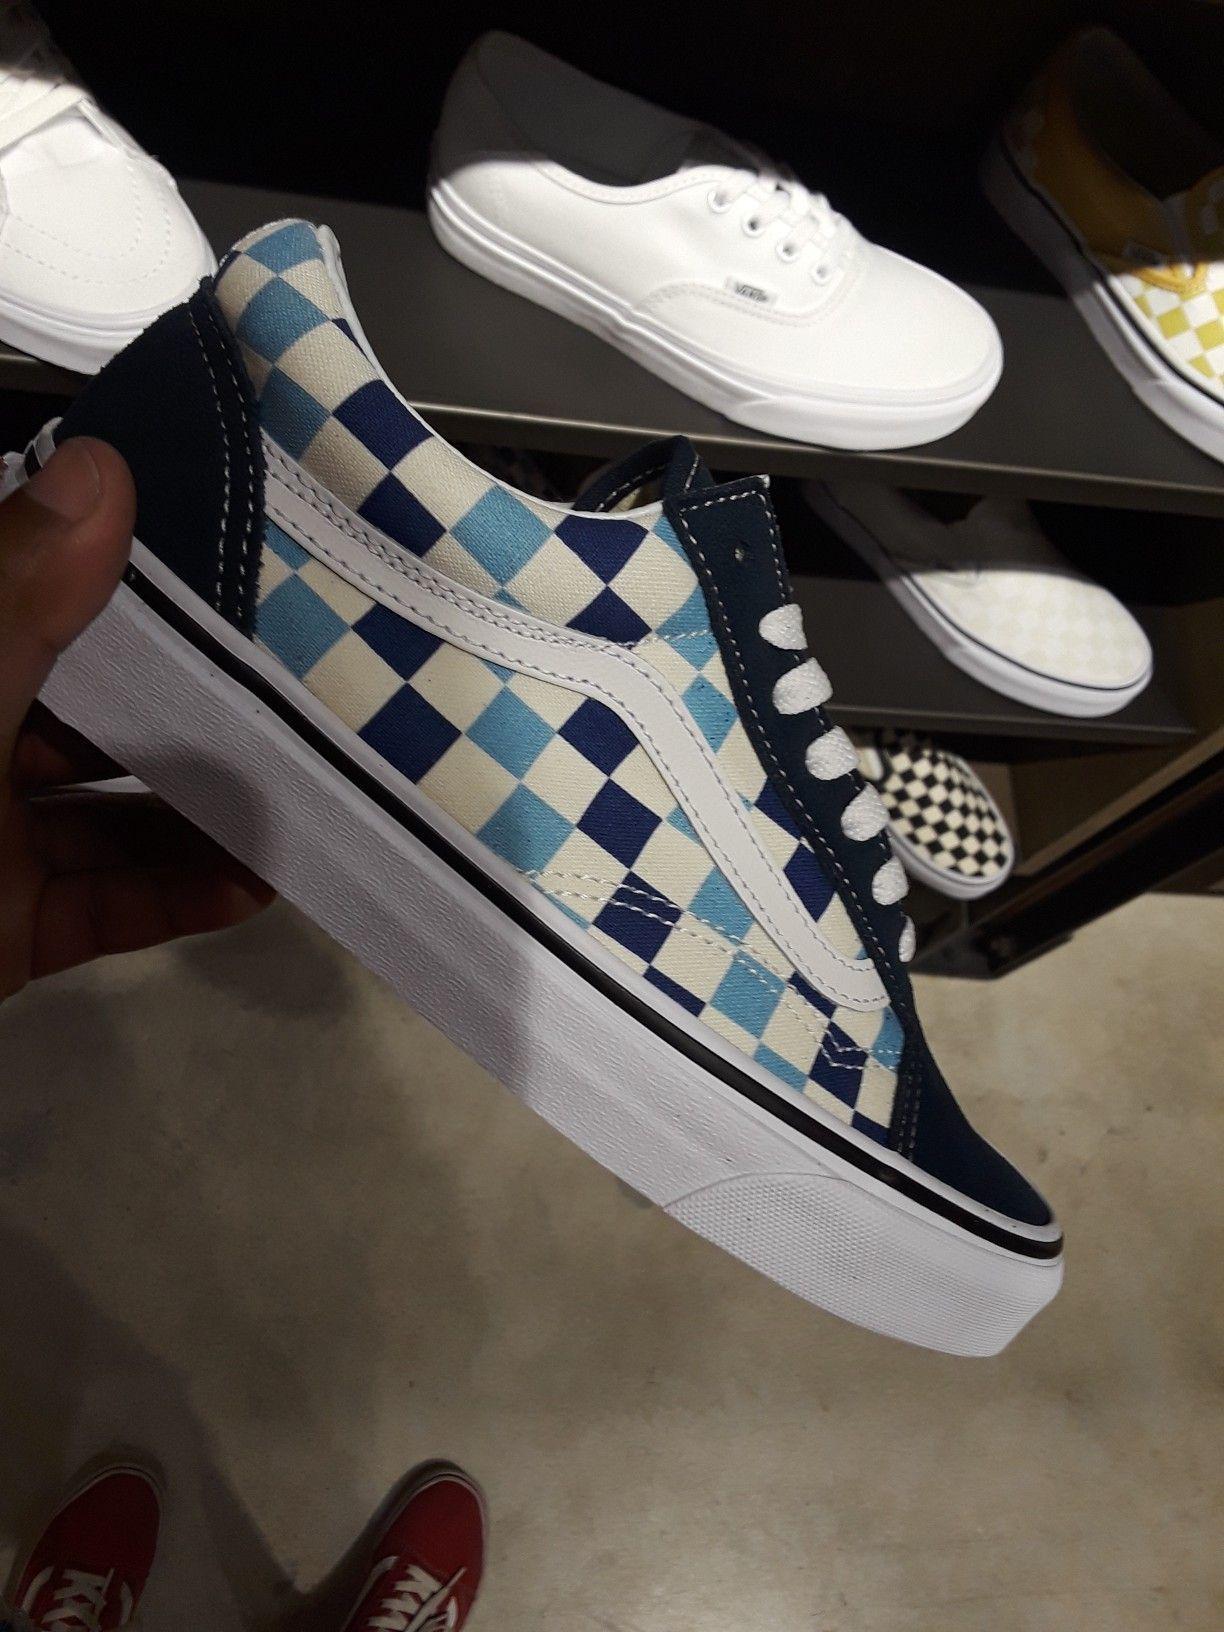 airmax #airmaxmodels #shoes #vans #vansshoes Source by